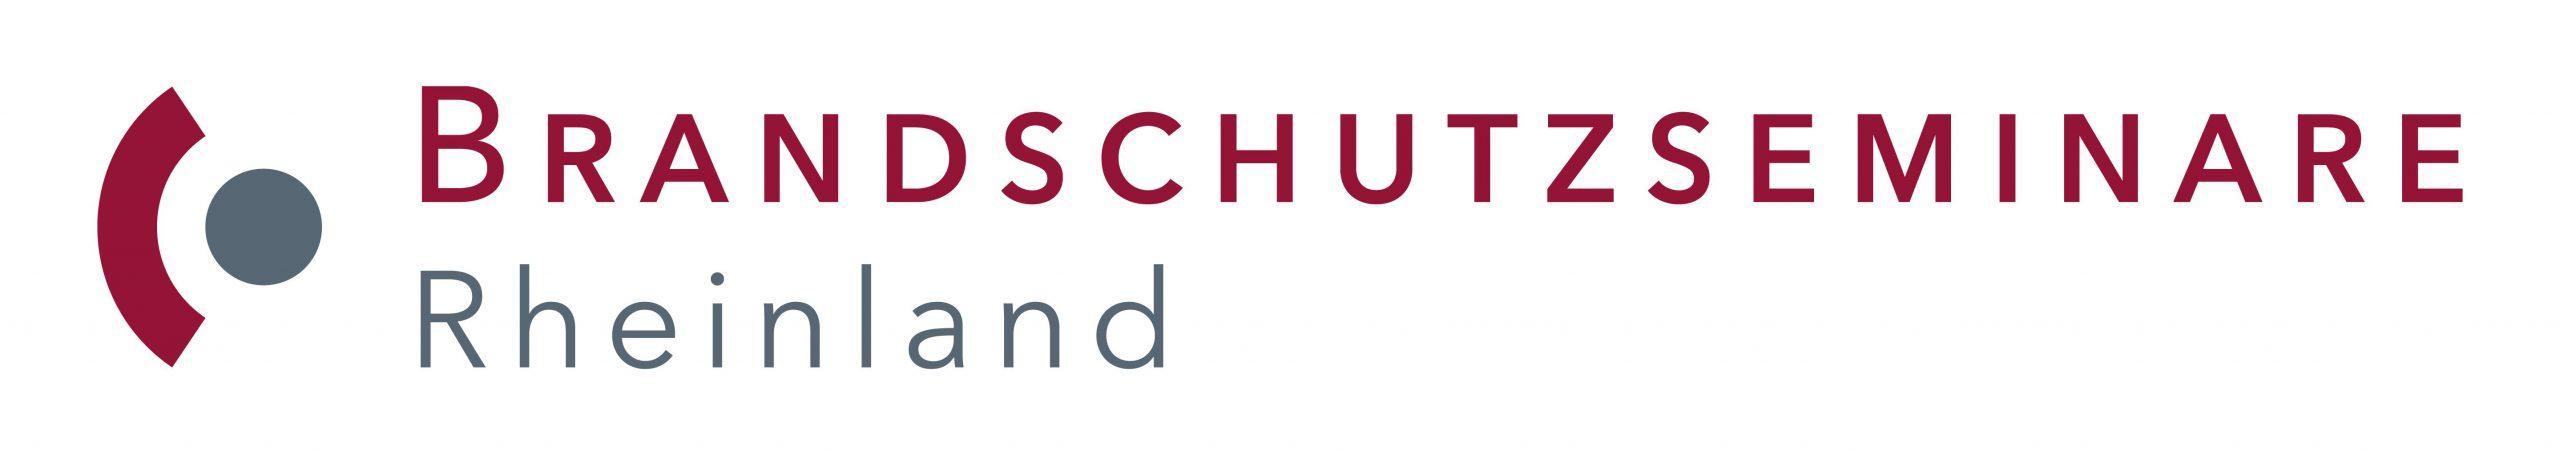 Brandschutzseminare-Rheinland, Tim Schidlowski